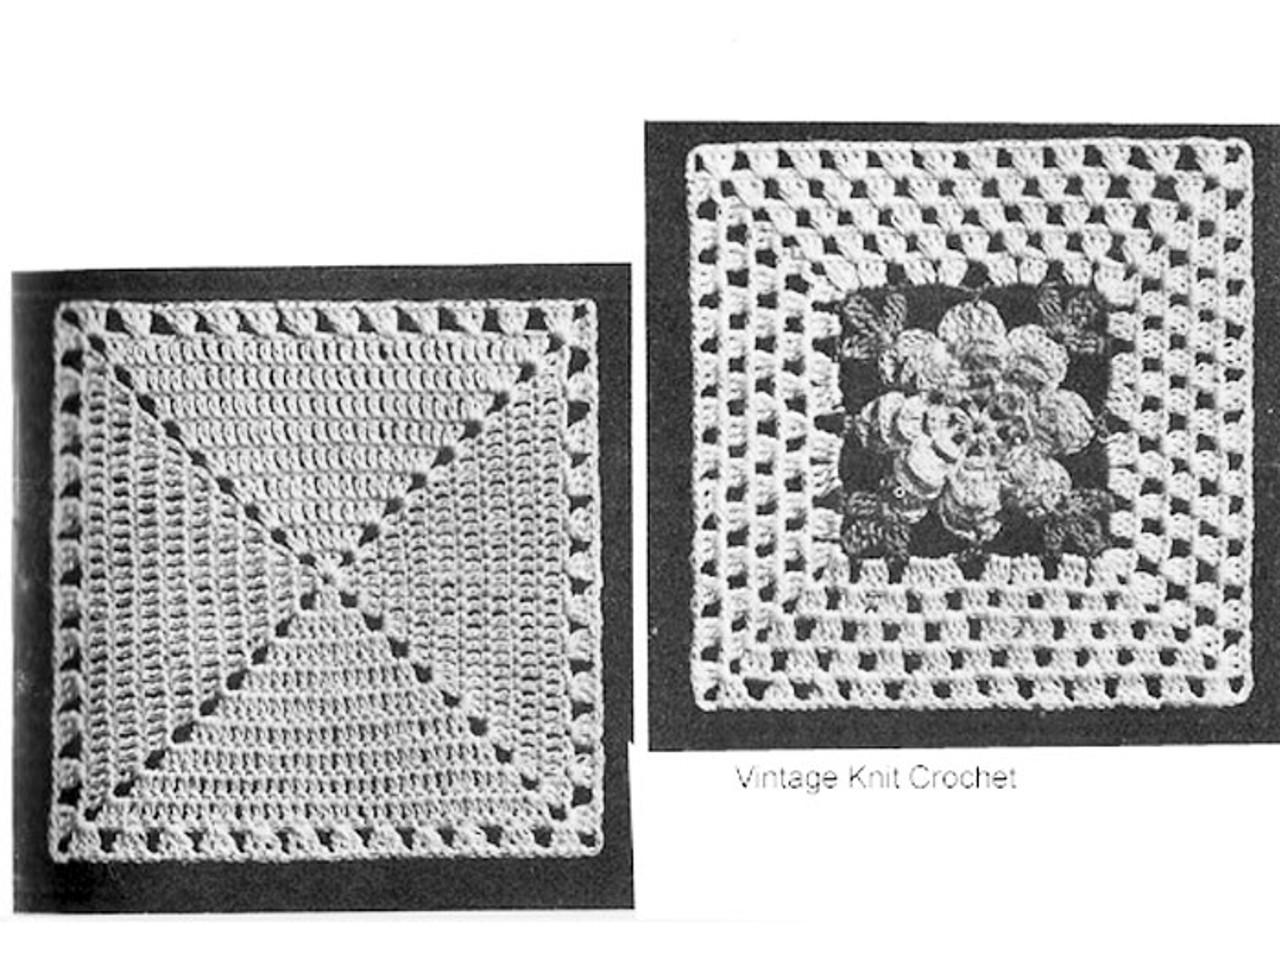 Crochet Rose Square Illustration for bedspread